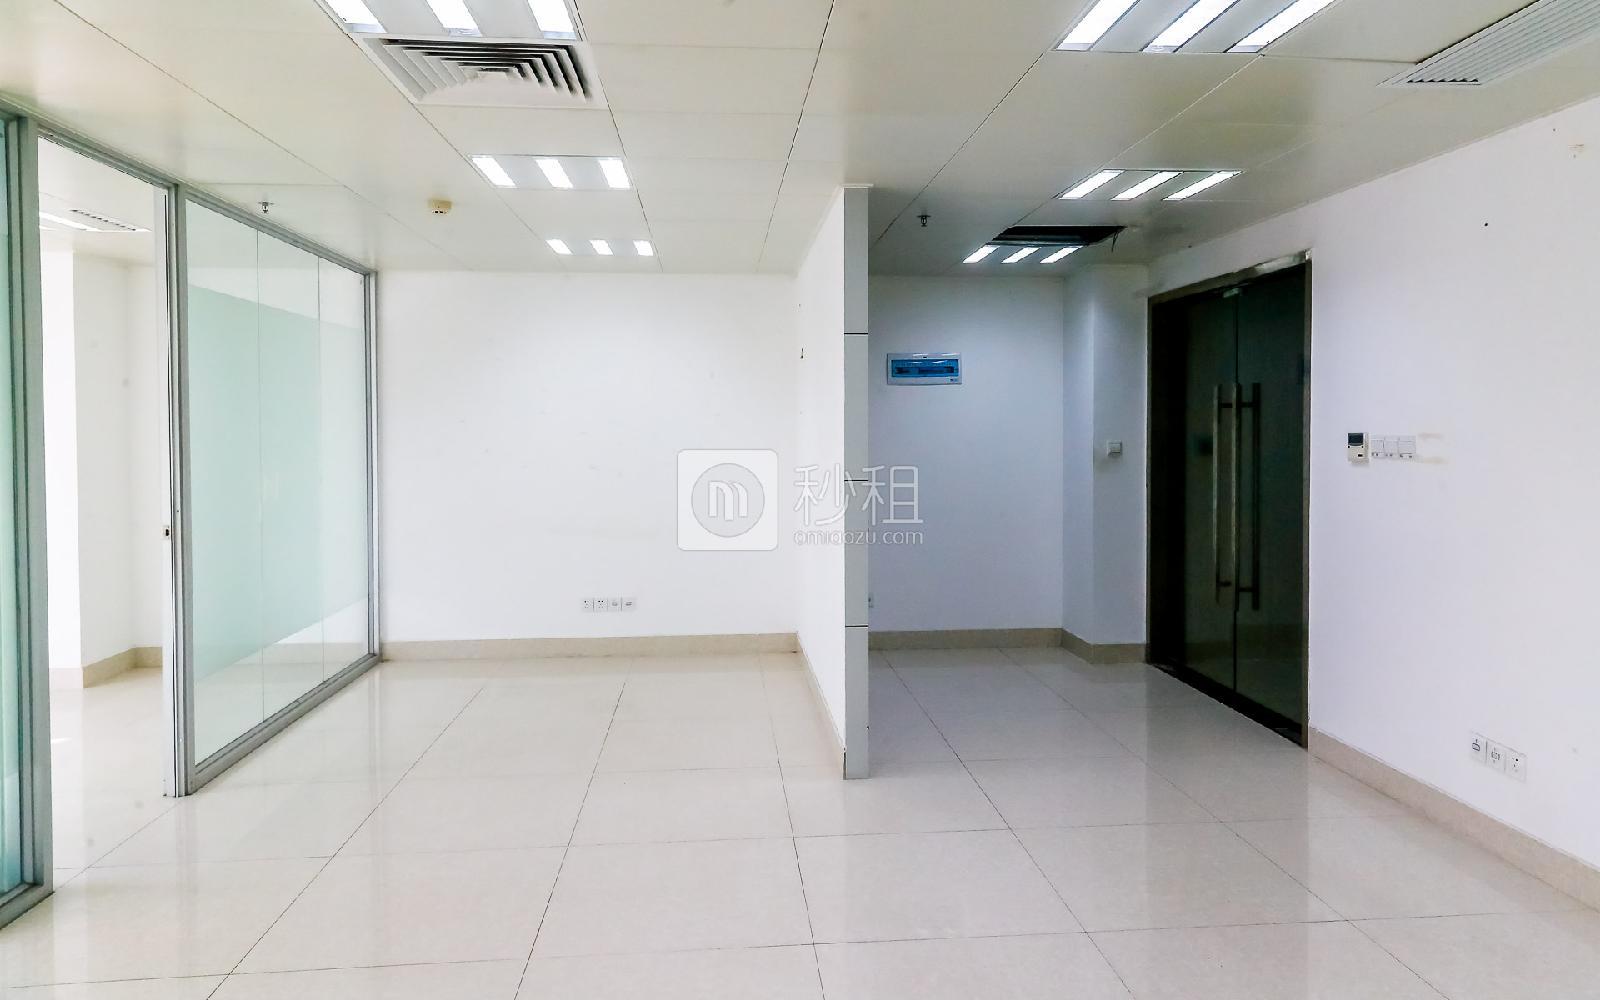 展滔科技大厦写字楼出租145平米精装办公室73元/m².月